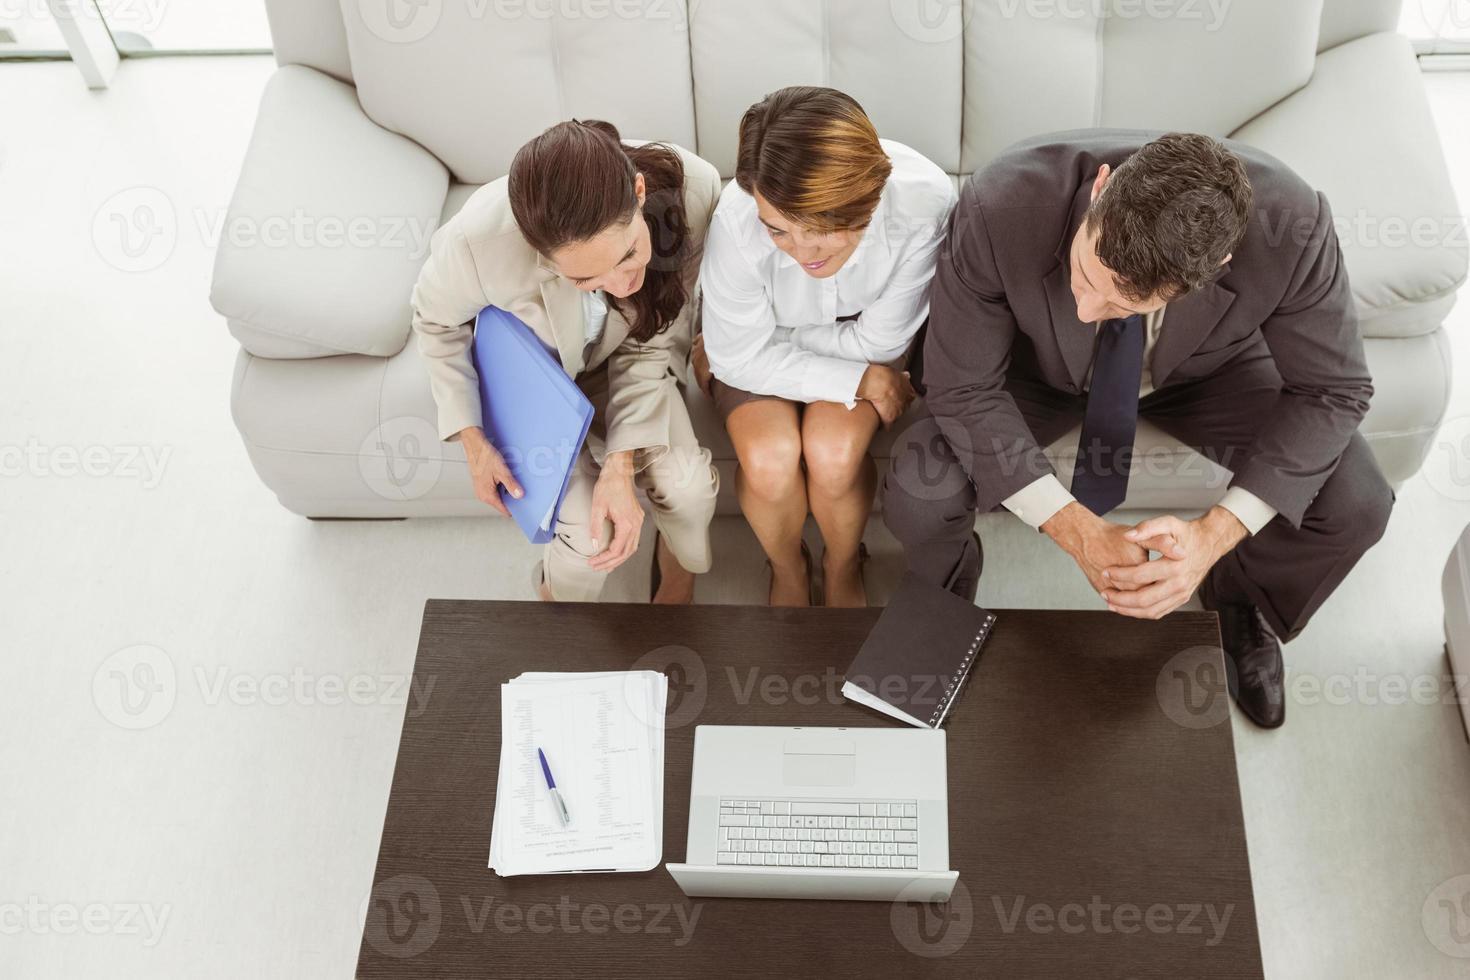 jeunes gens d'affaires à l'aide d'un ordinateur portable photo